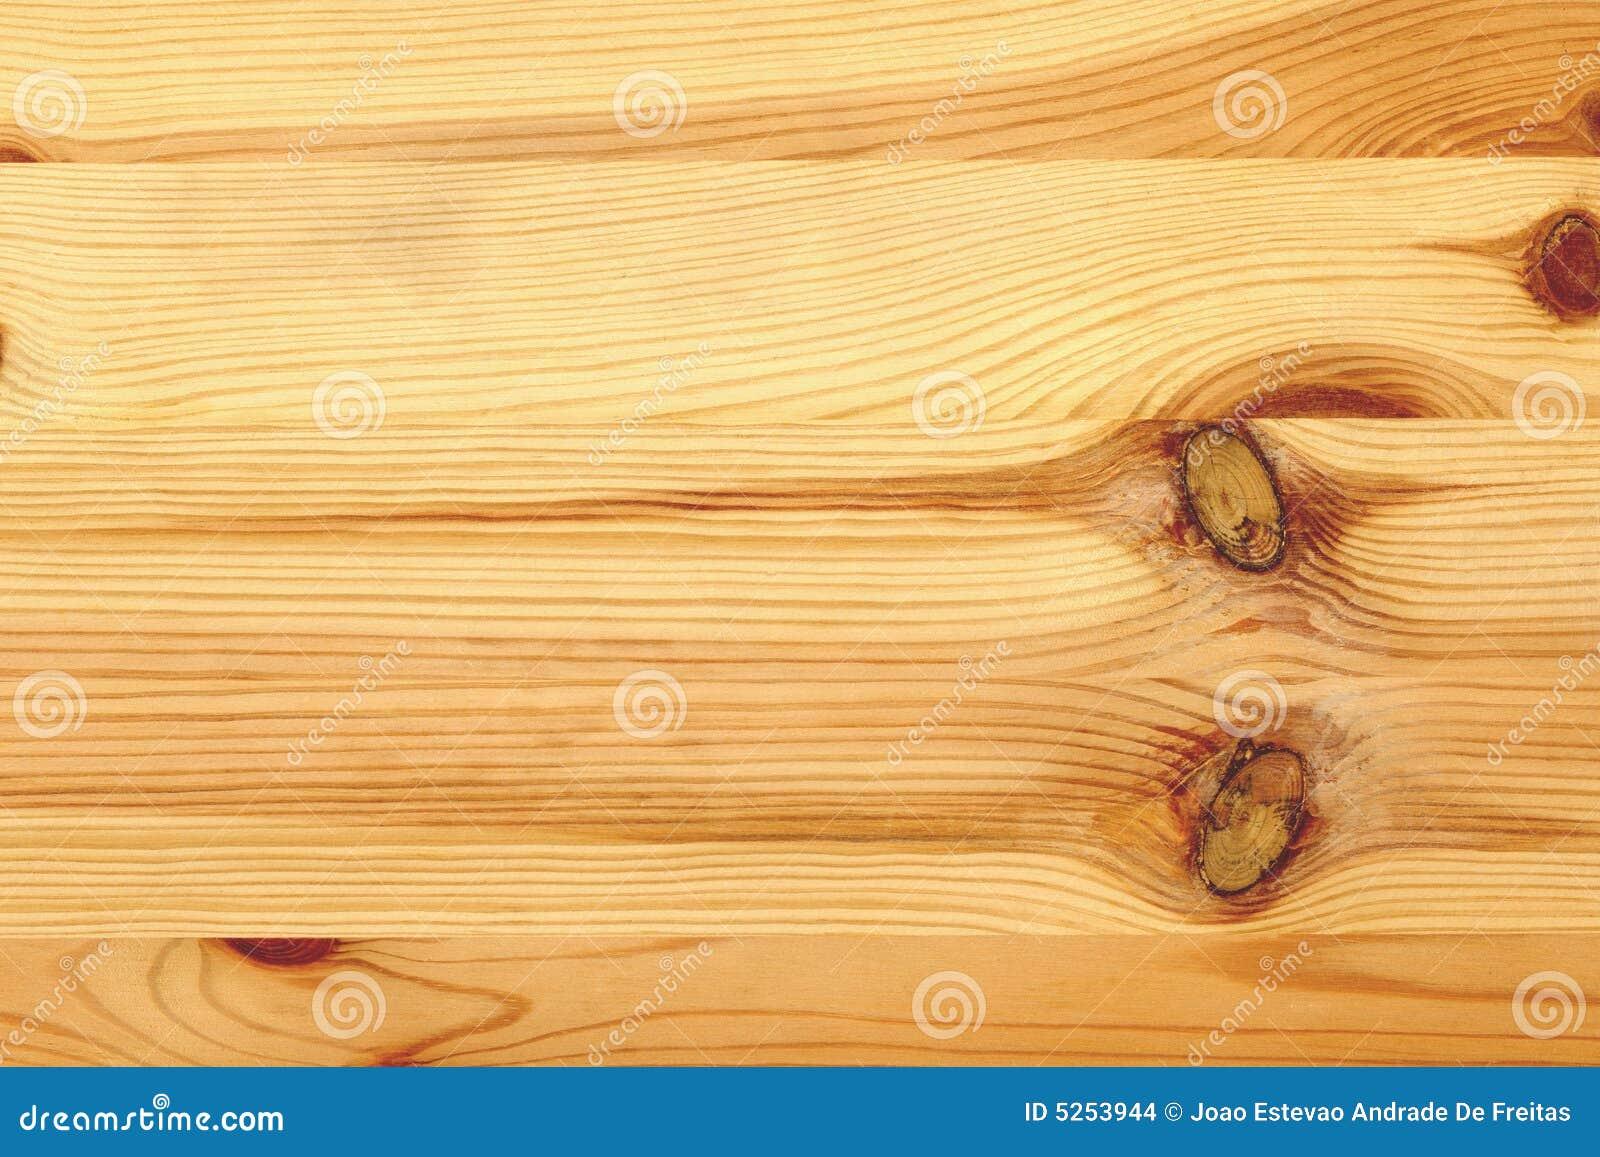 Primo piano del legno di pino fotografia stock immagine for Disegni del mazzo del secondo piano